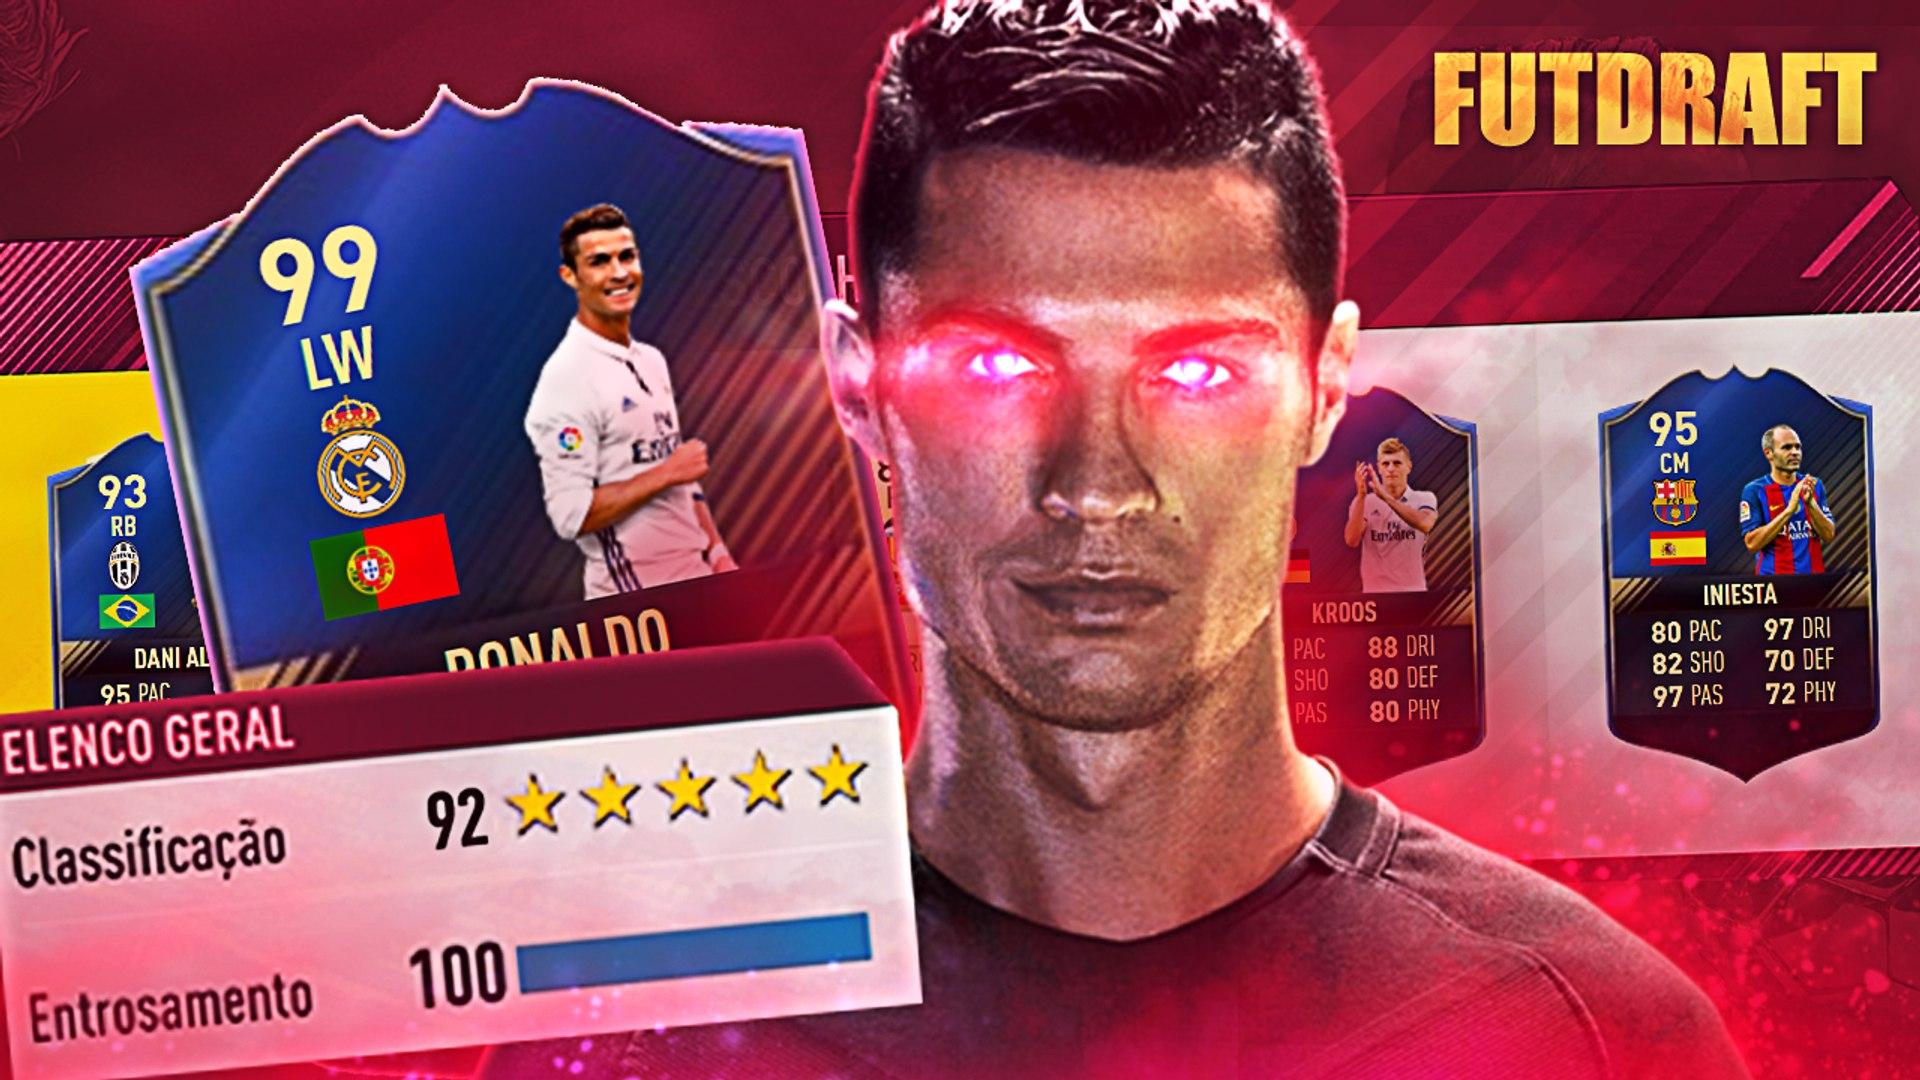 FIFA 17 FUT DRAFT - MEU DEUS O MELHOR TIME DA MINHA VIDA, 192?!!!!!